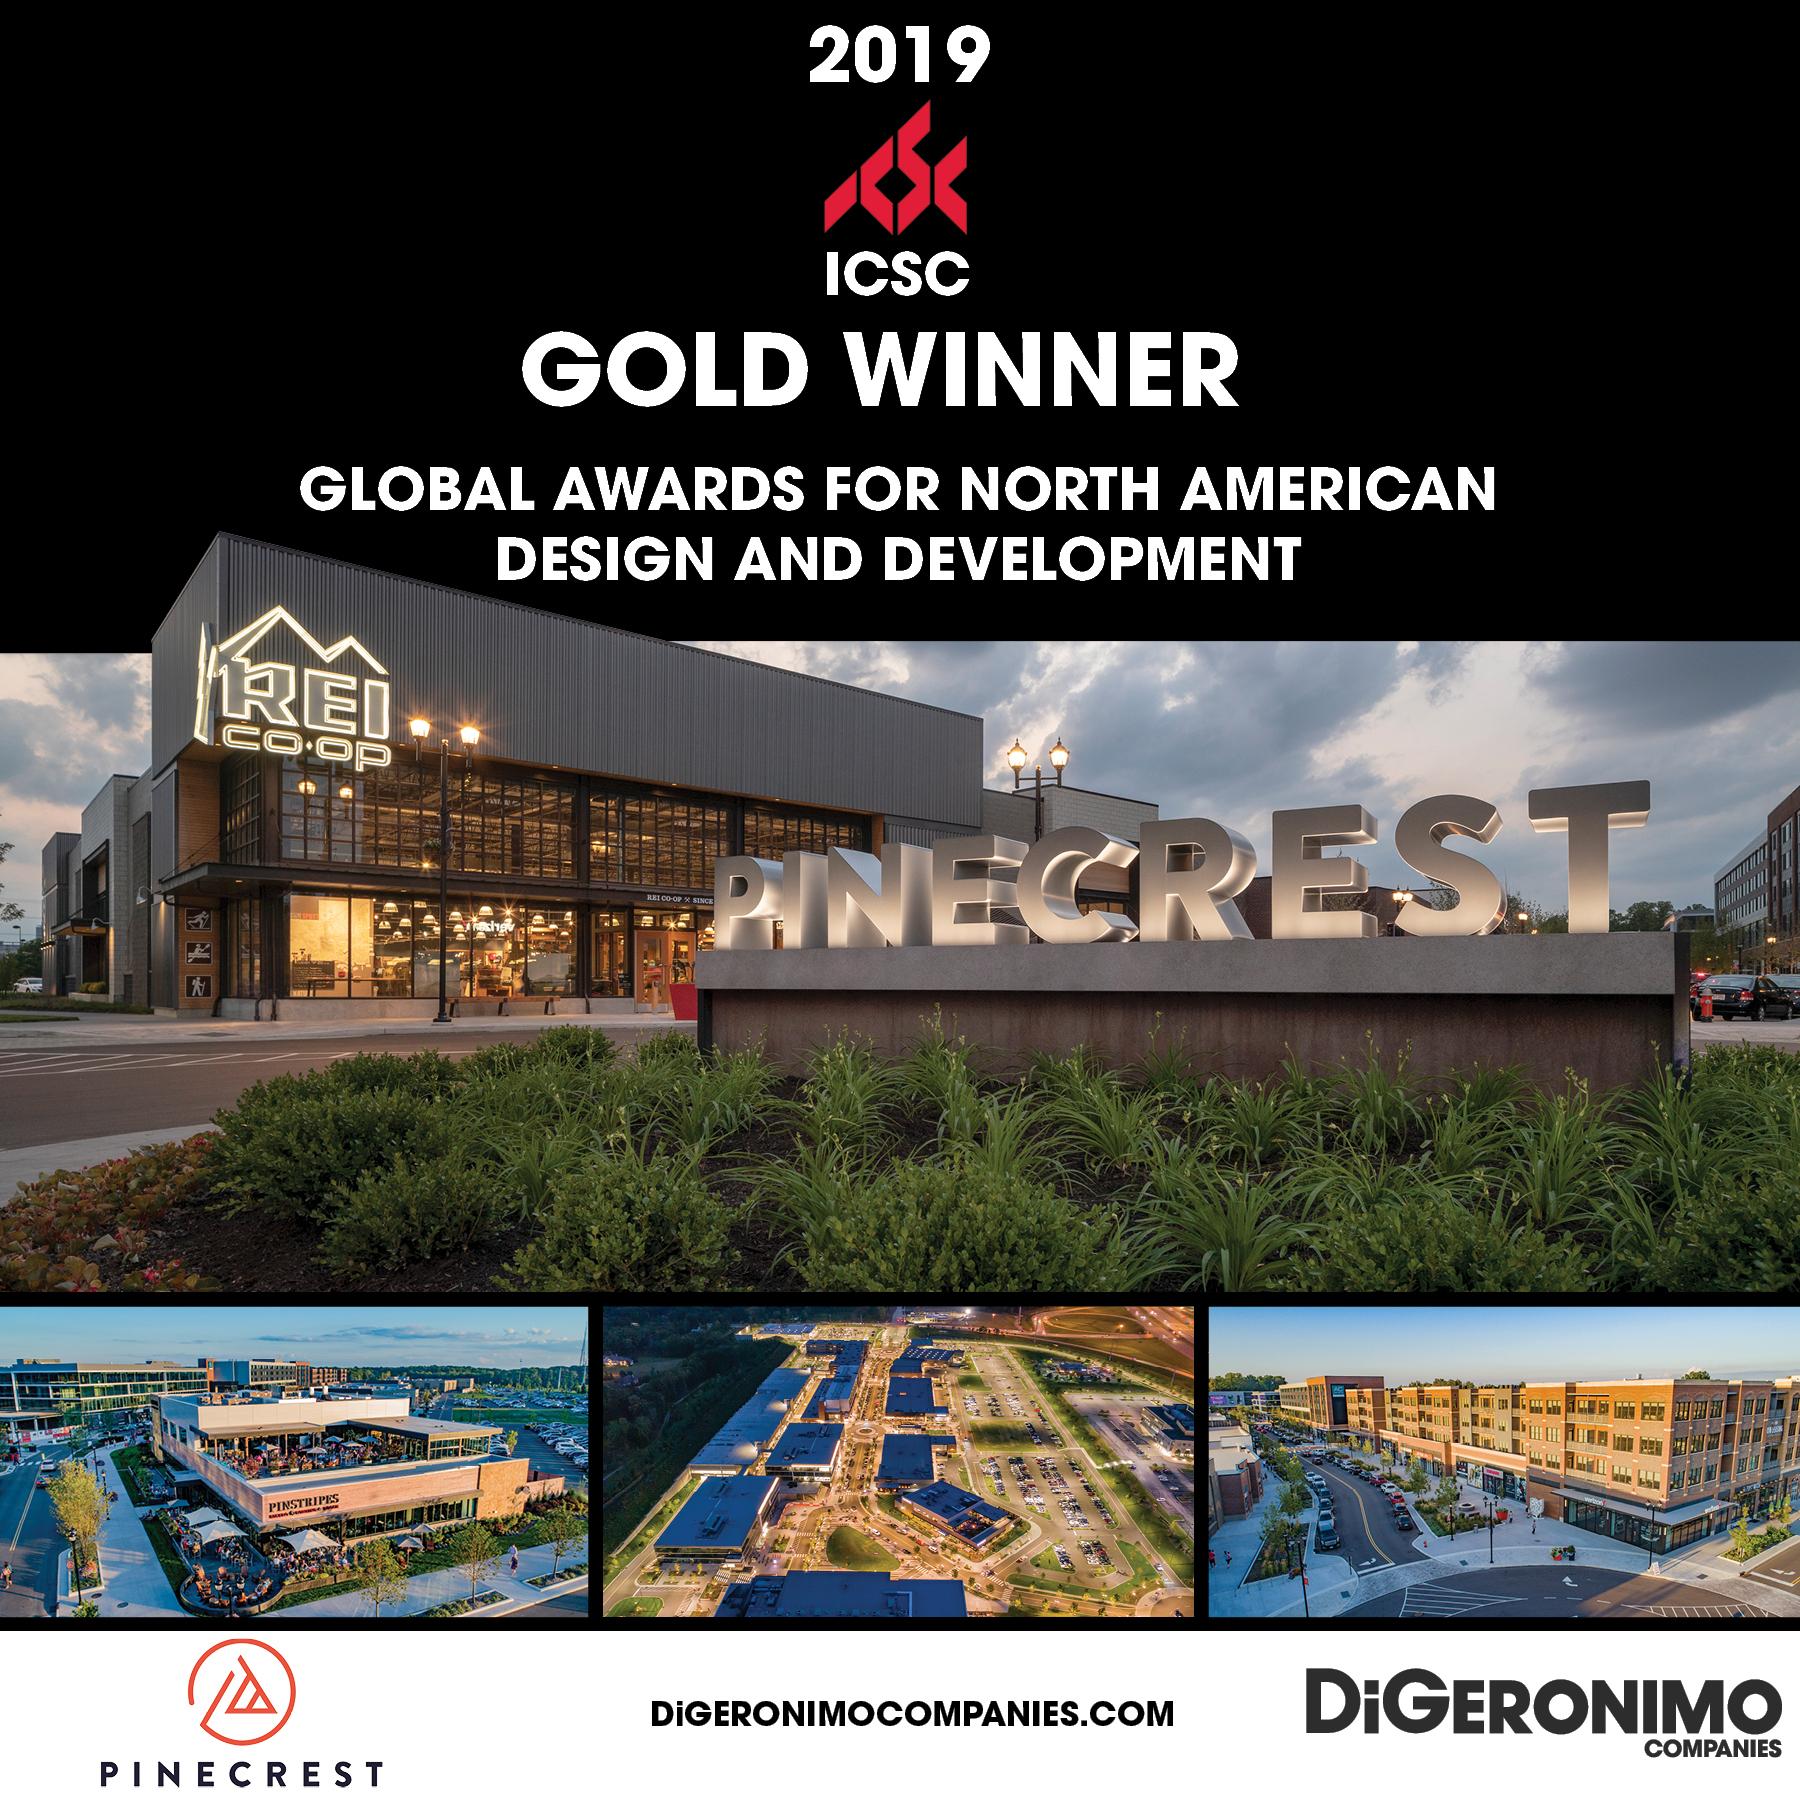 2019-ICSC-Gold-Award-EDIT2.jpg#asset:8003